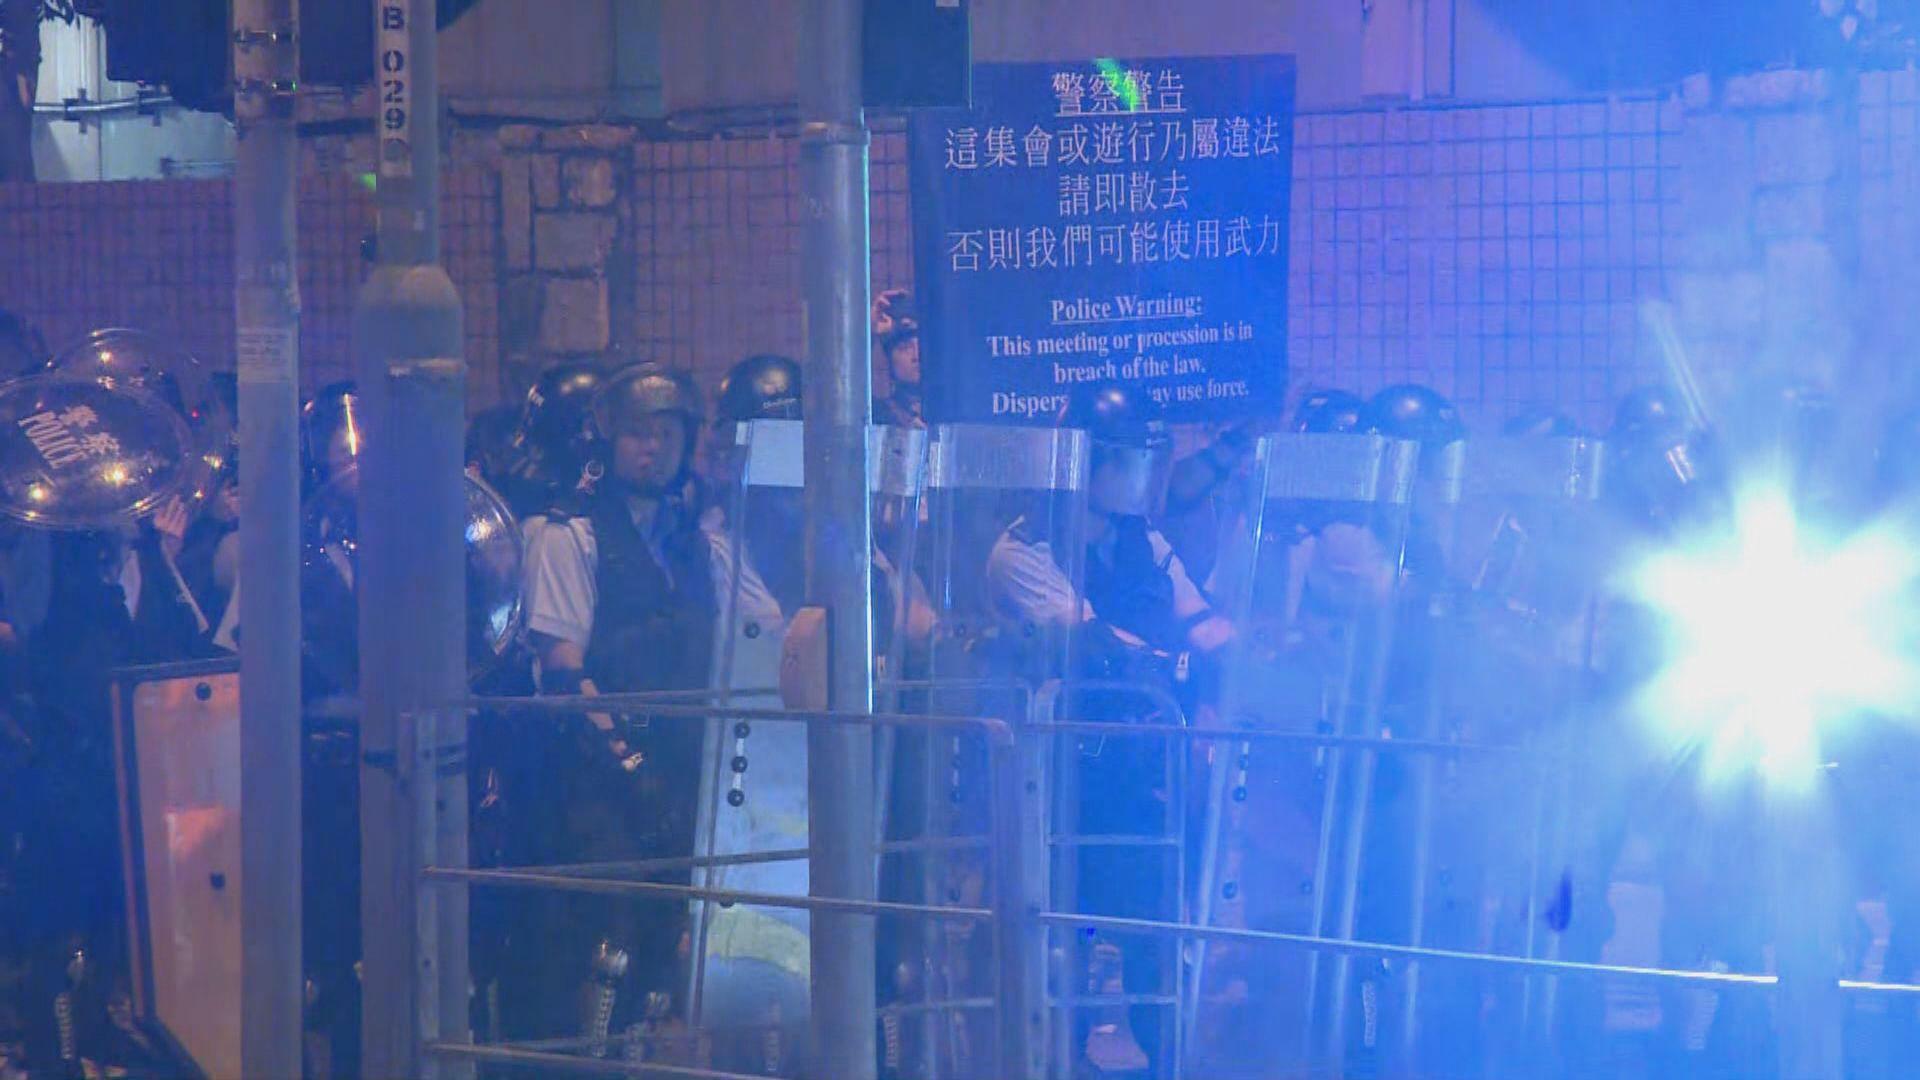 網民在黃大仙辦祈福除惡晚會 警方凌晨清場